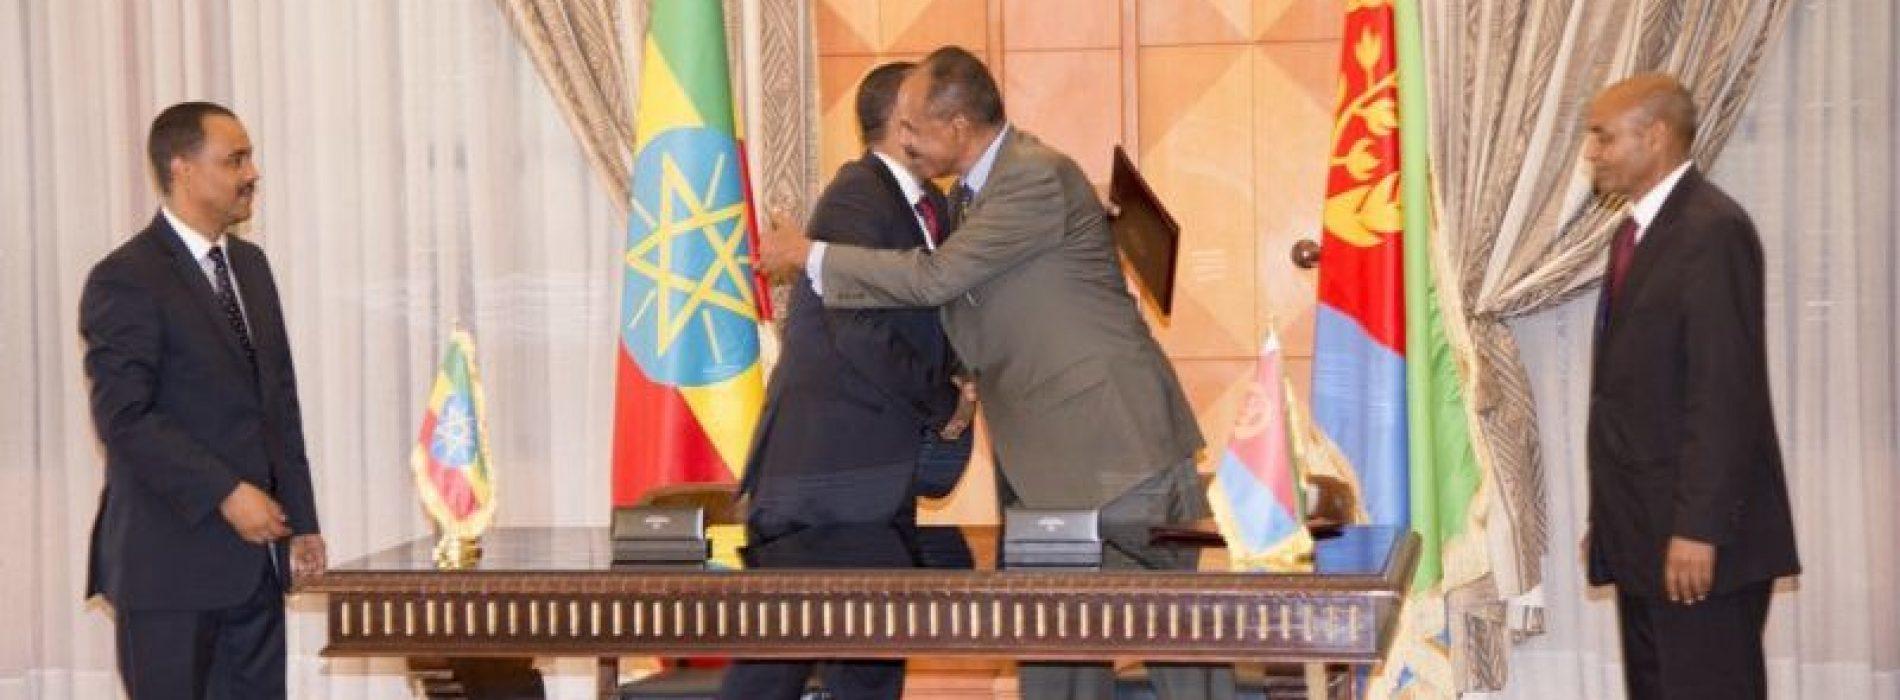 Le nuove alleanze nel futuro del corno d'Africa